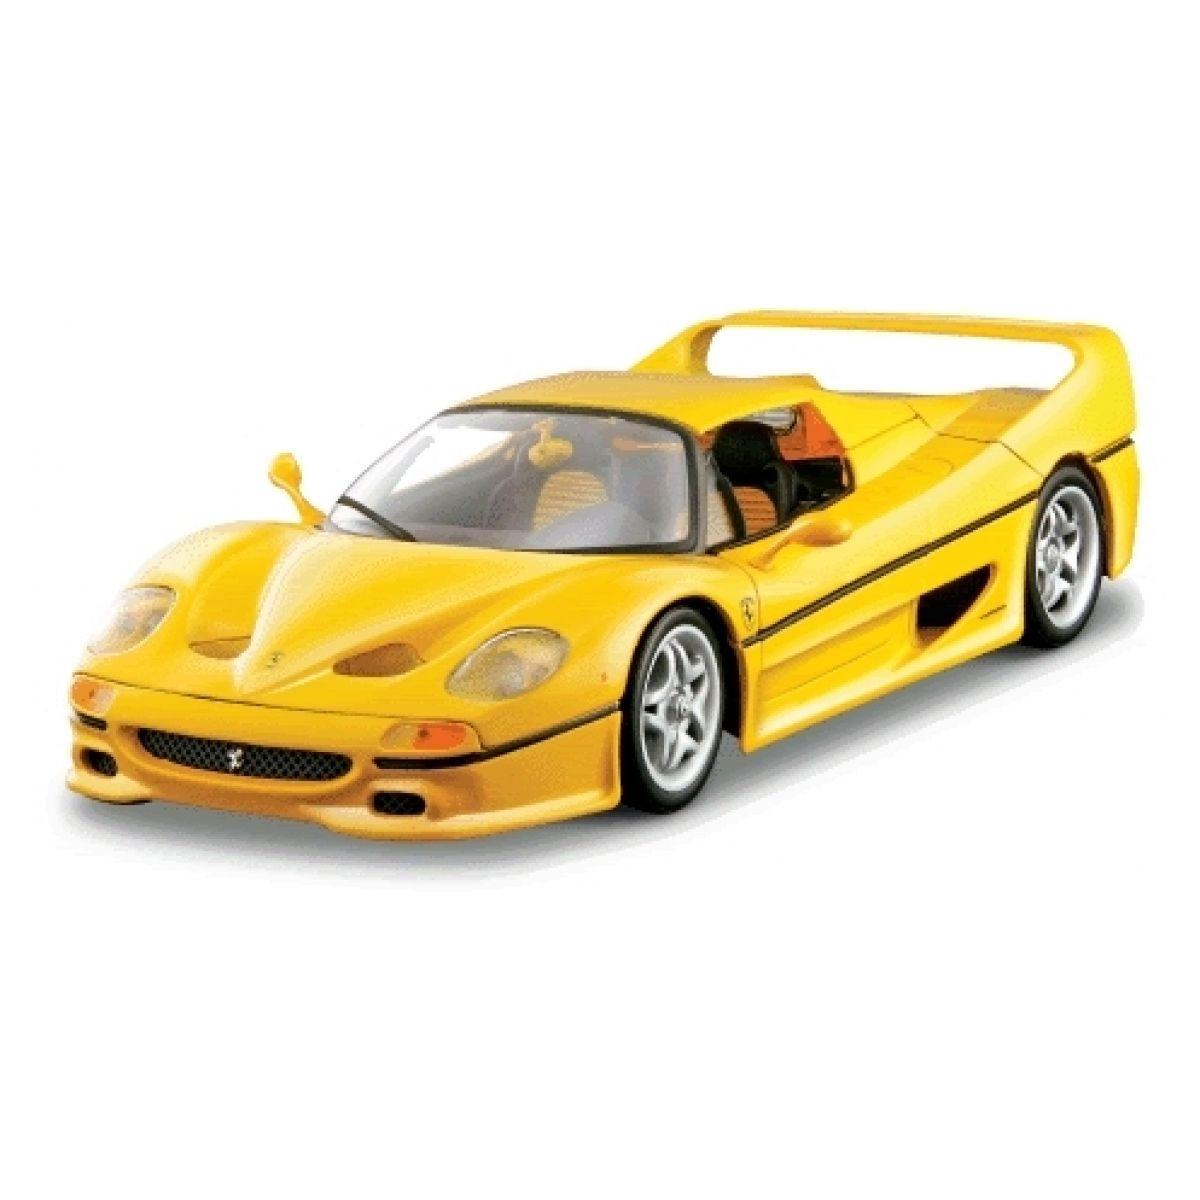 Ferrari F50 KIT 1:18 Maisto